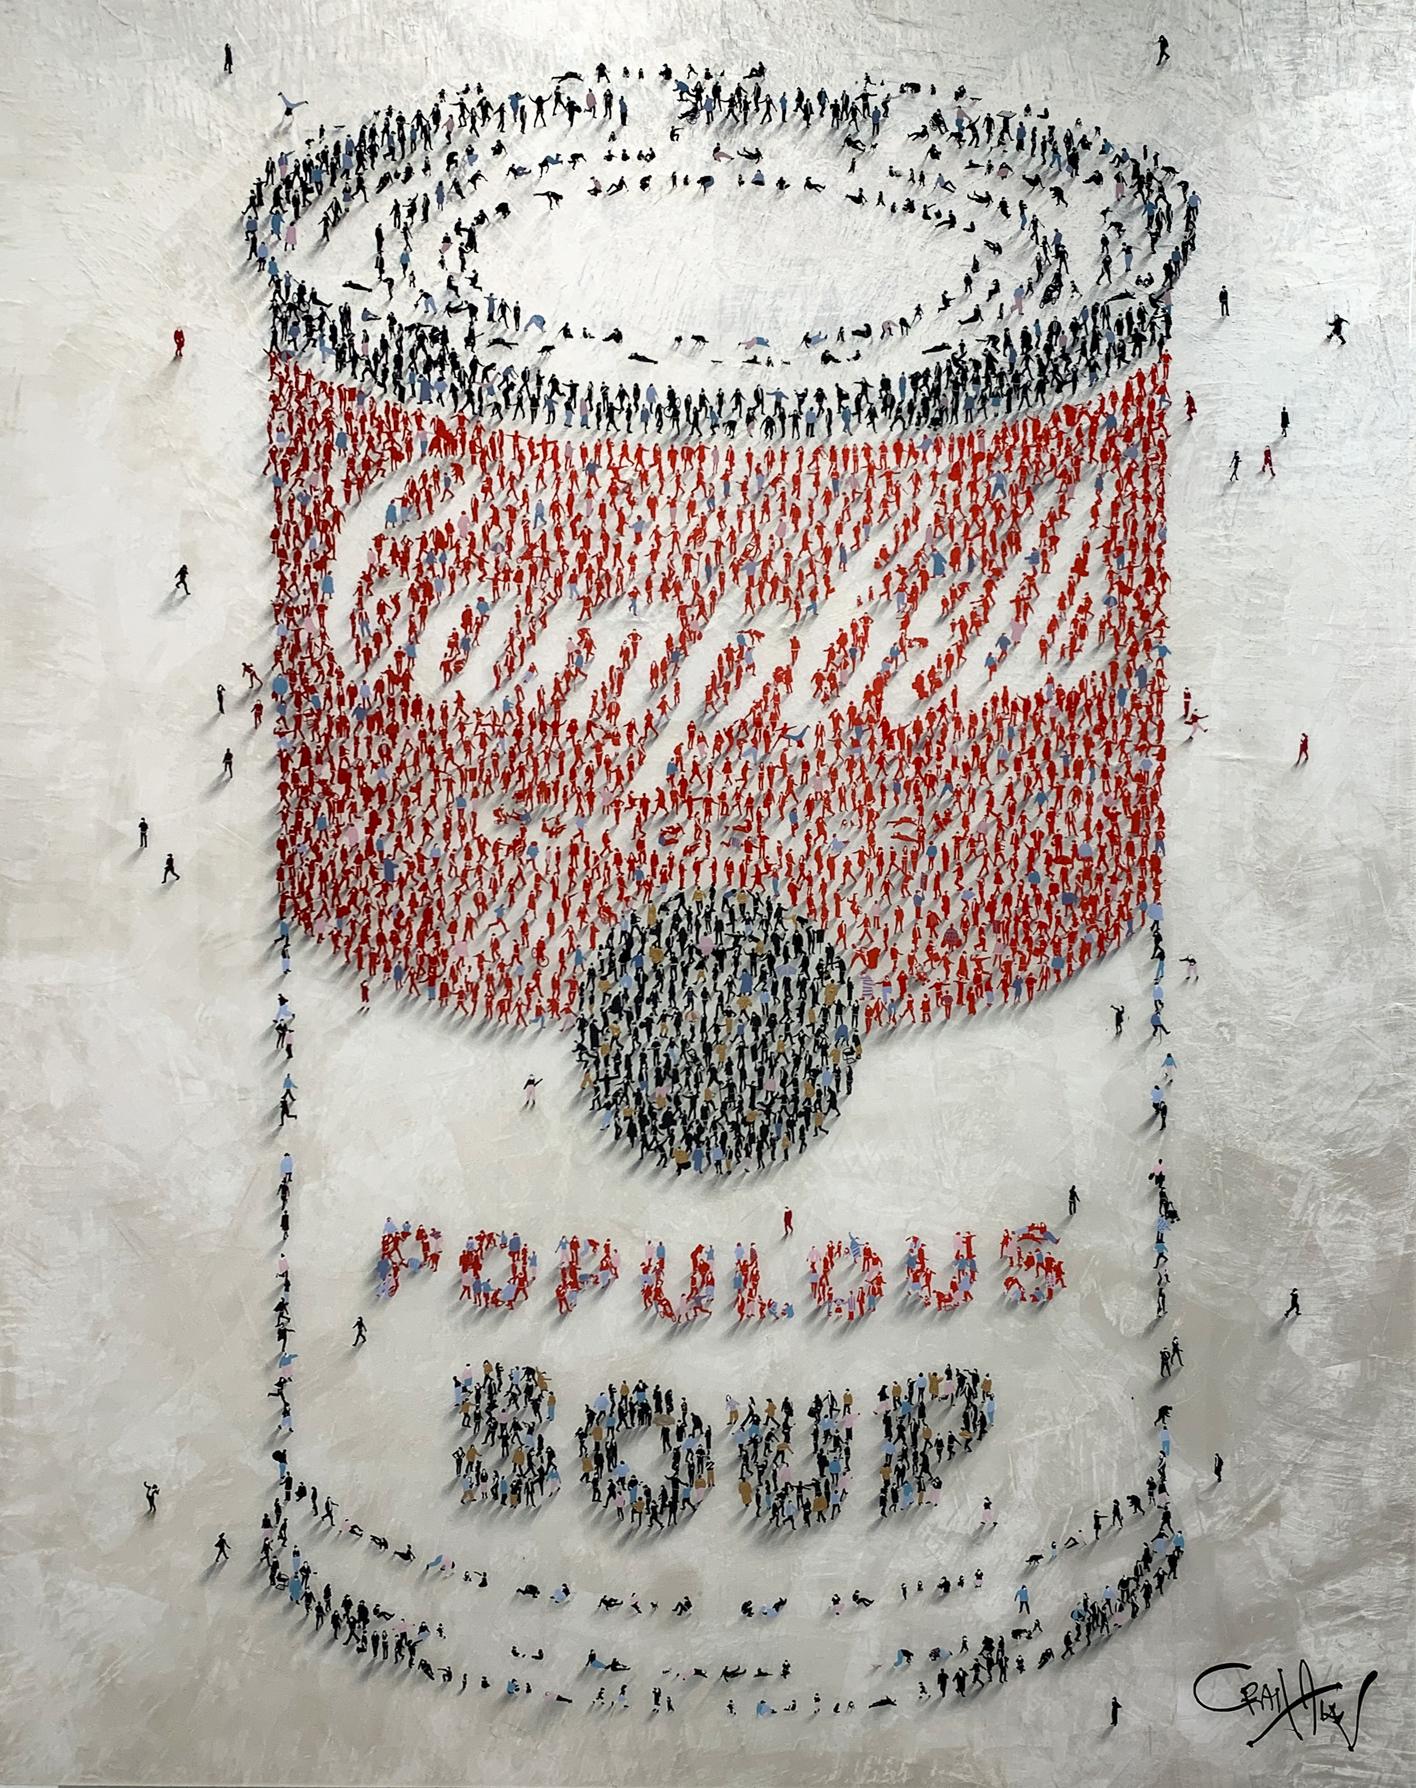 Populous Soup